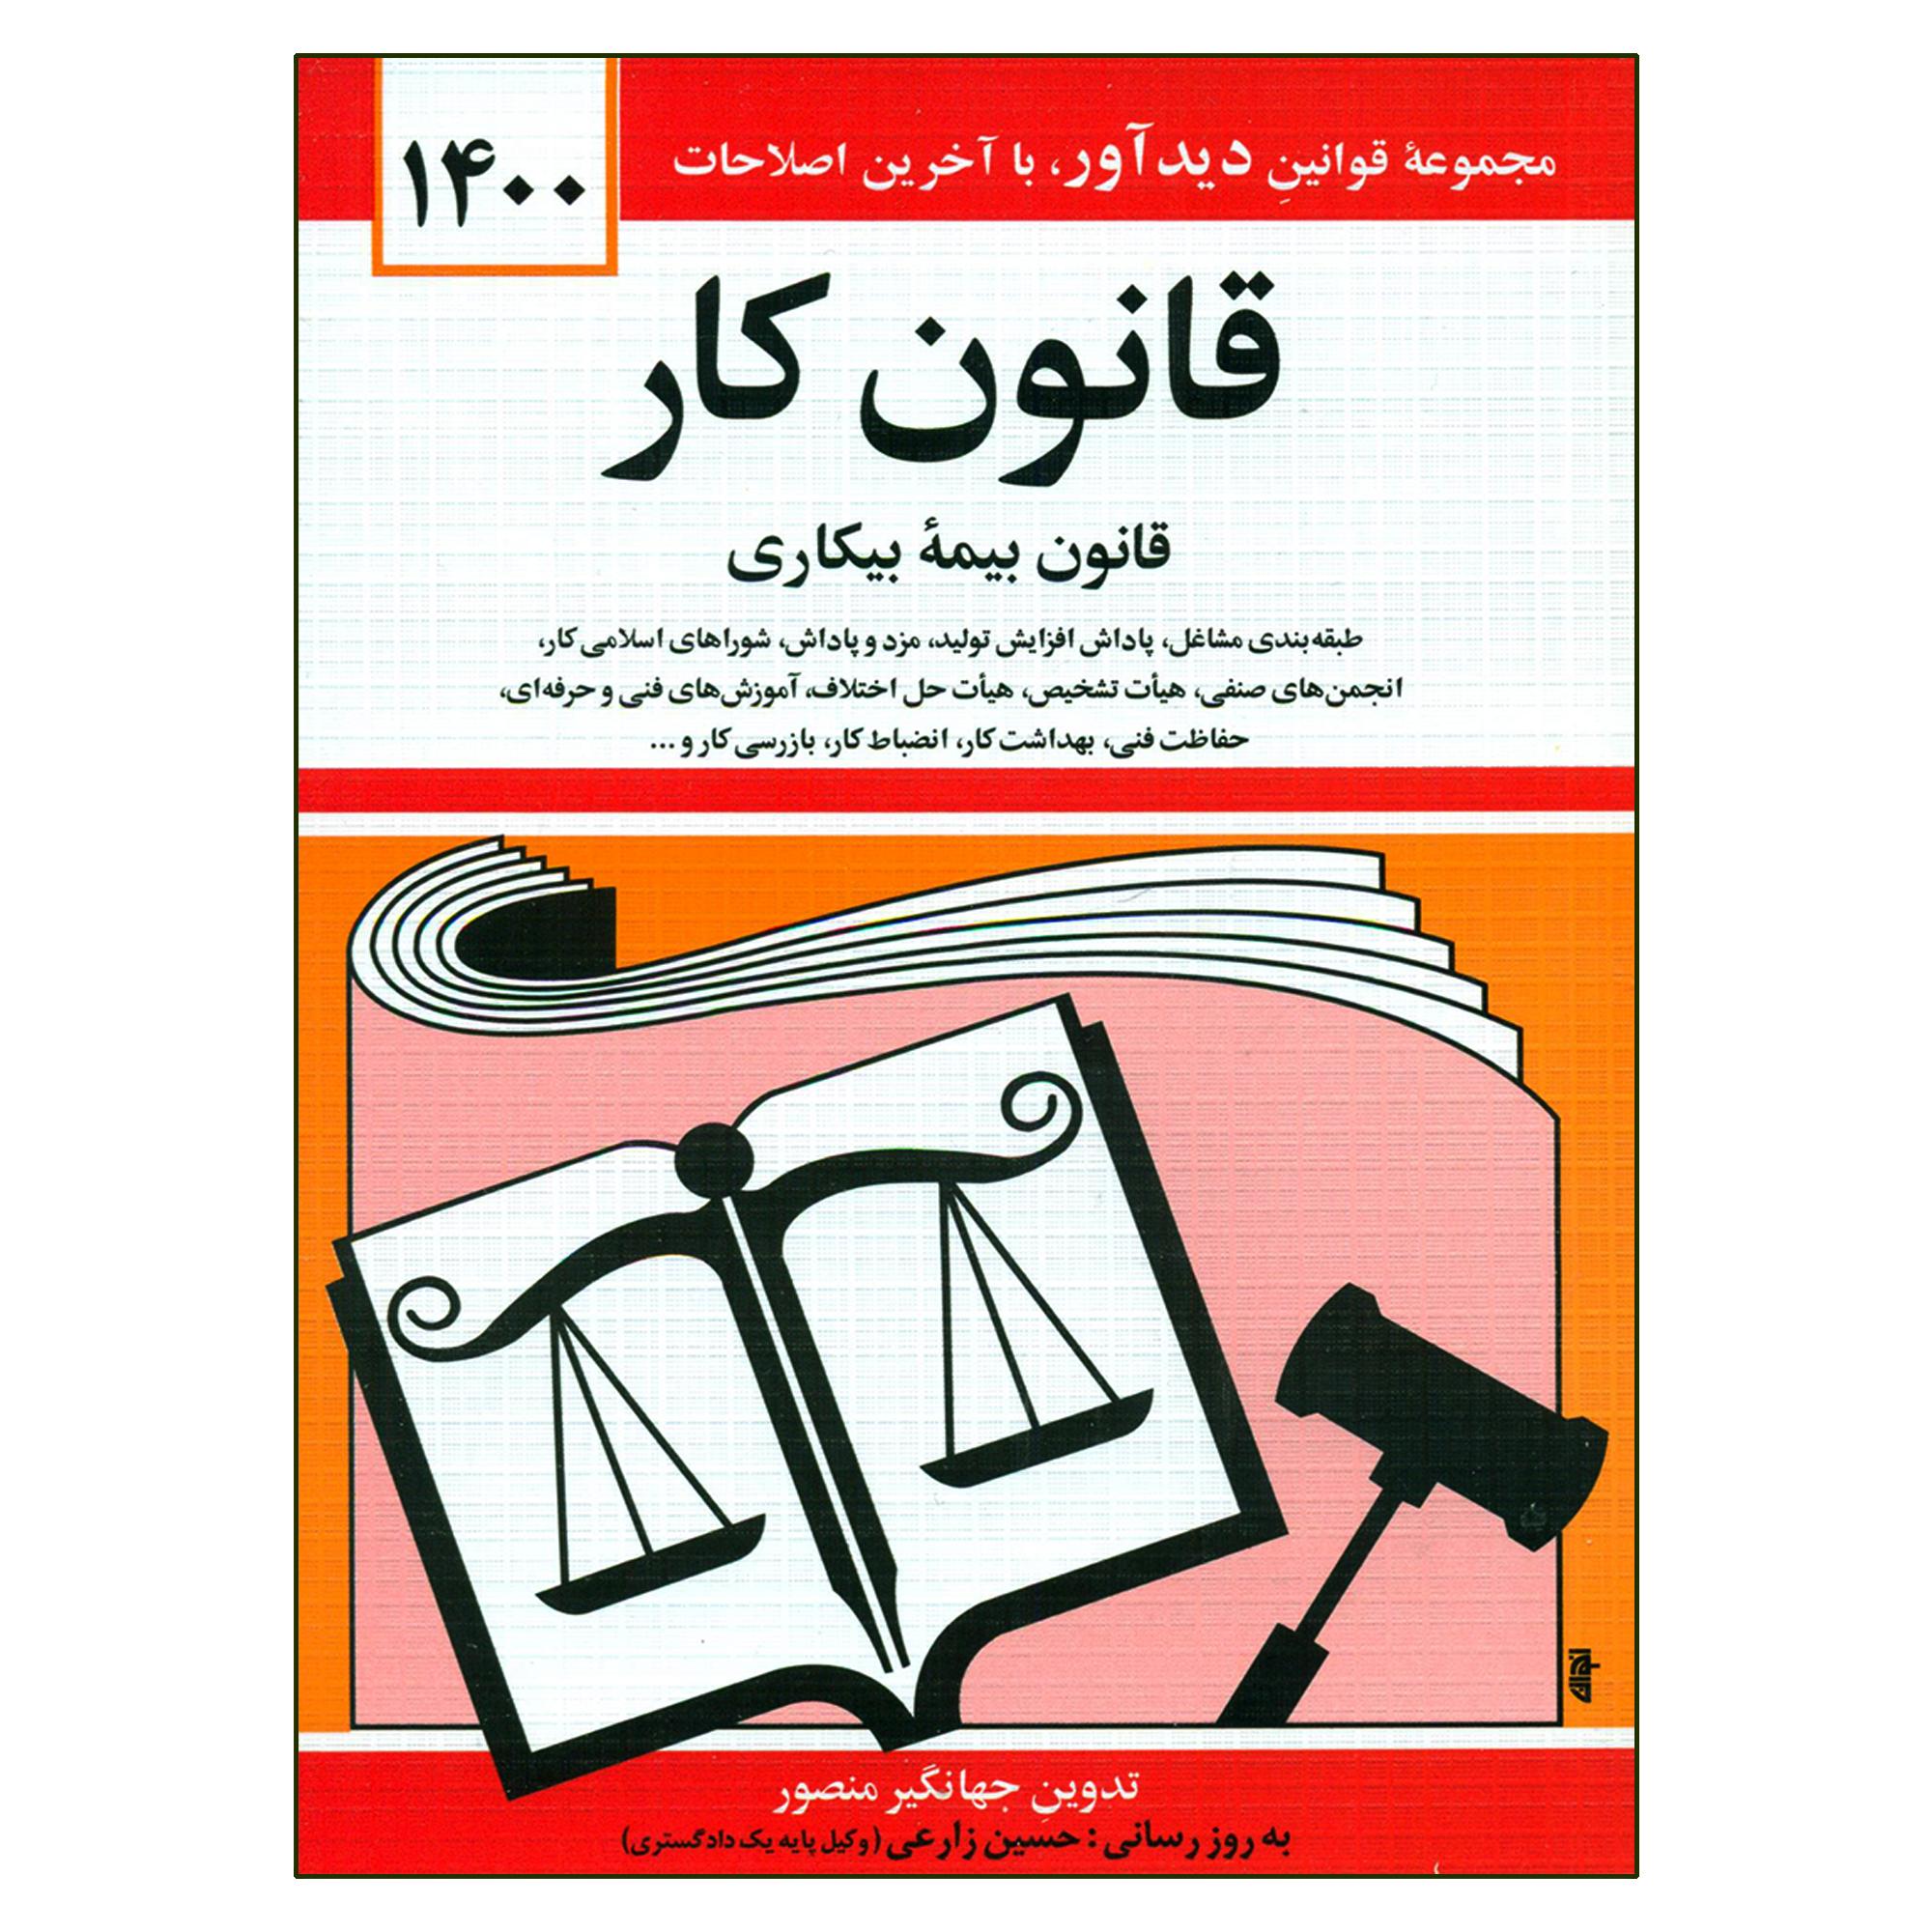 کتاب قانون کار قانون بیمه بیکاری 1400 اثر جهانگیر منصور نشر دوران